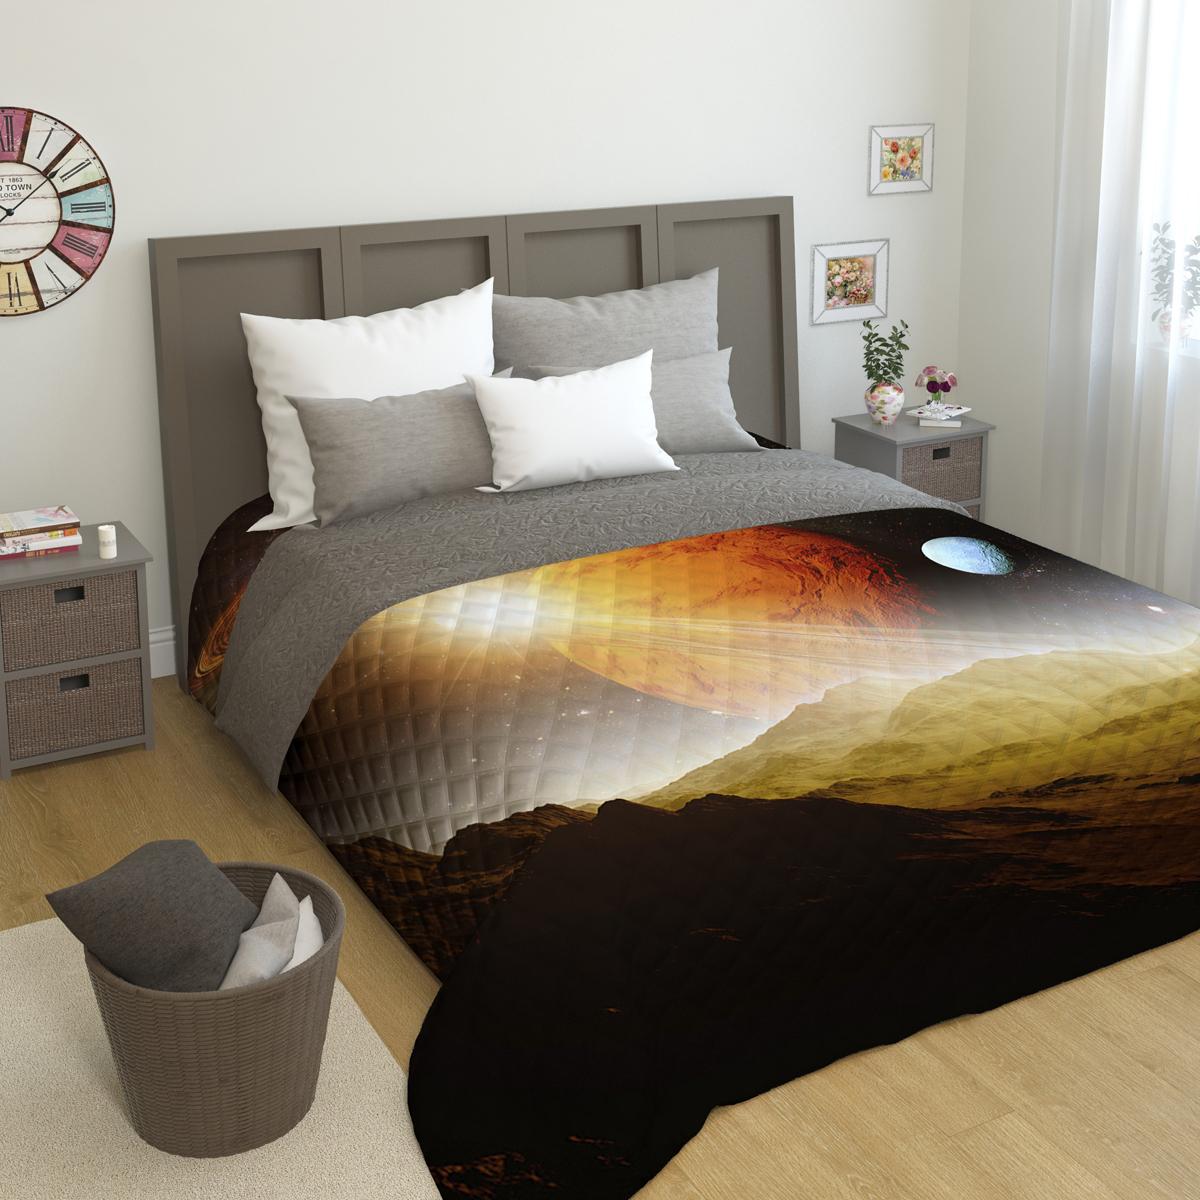 Покрывало стеганое Сирень Сатурн, 200 х 220 смПКМК005-01105Стеганое покрывало Сирень - это правильный выбор для любой хозяйки. Стеганые покрывала выгодно преобразят дизайн любого интерьера спальни. При изготовлении используется плотная микрофибра. В сочетании со стильным и четким рисунком, созданным с помощью 3D фотопечати стеганые покрывала всегда будут отличным приобретением для Вашей спальни и подарком для друзей и близких! Рисунок стежки выполнен современным способом Ультрастэп (без использования ниток). Использование данного способа стежки защищает от миграции волокна во время стирки в деликатном режиме при температуре 30 градусов. Размер 200*220 (+/- 2см ) Наволочки в комплект не входят. Покрывало легко стирать при 30-40 градусов, гладить при 150 градусах, не отбеливать. Цвет покрывала в комплектации может немного отличаться от представленного на фото.